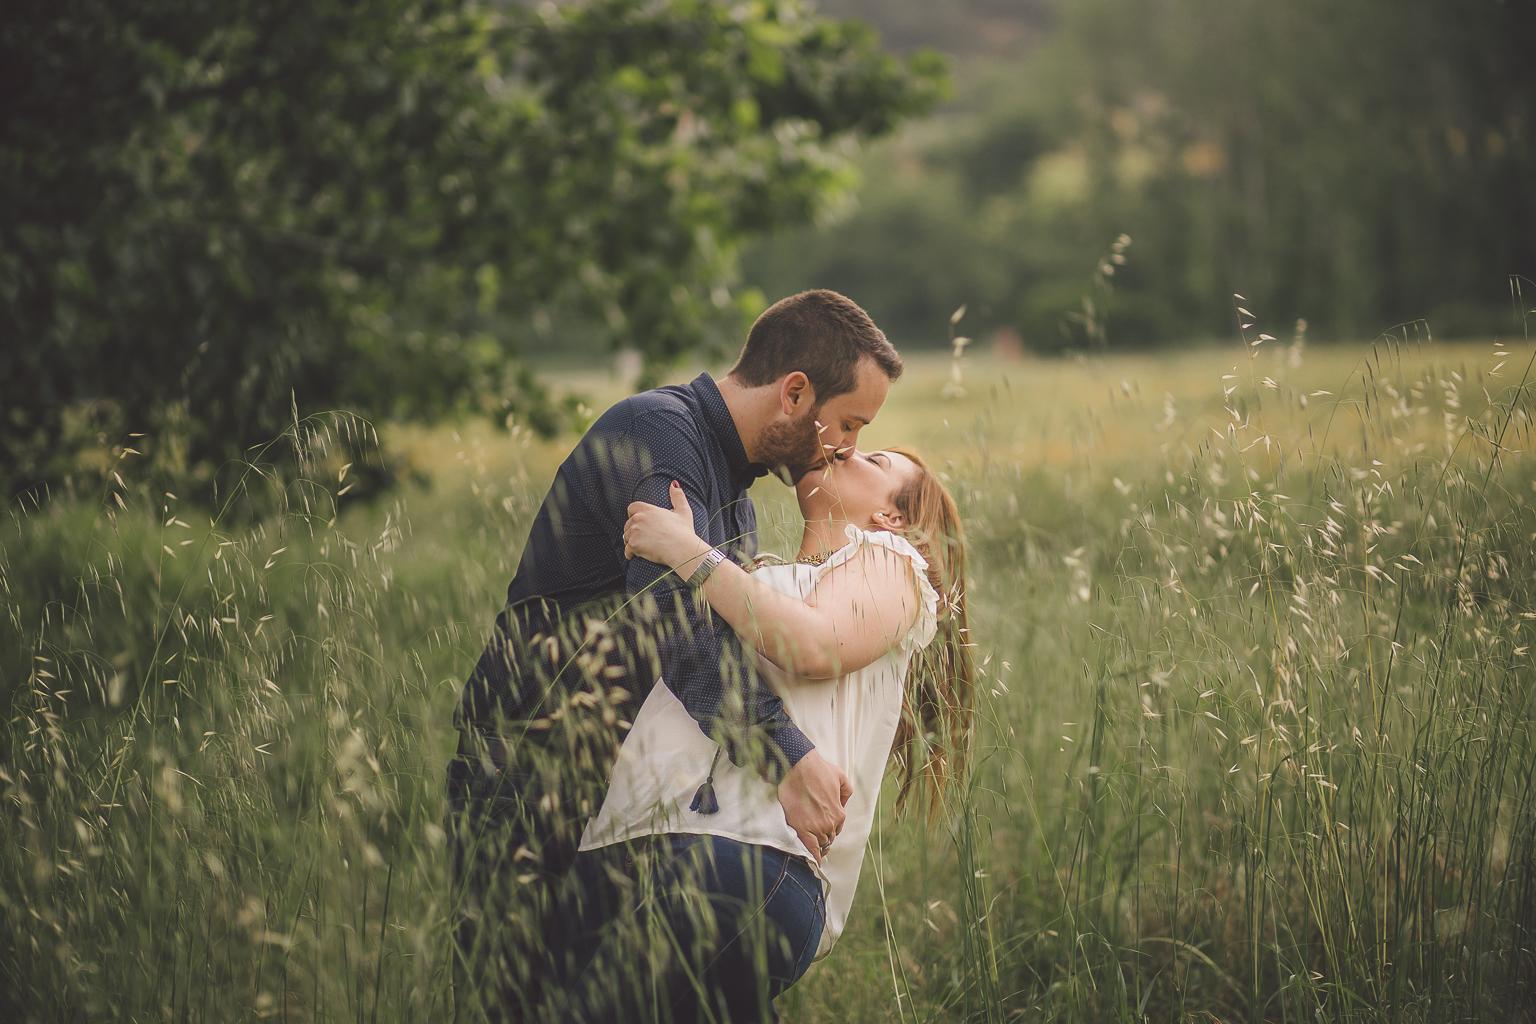 fotógrafo preboda barcelona :: fotógrafo boda barcelona :: fotógrafo romántico :: preboda en el bosque :: preboda en el campo :: preboda en hostalrich